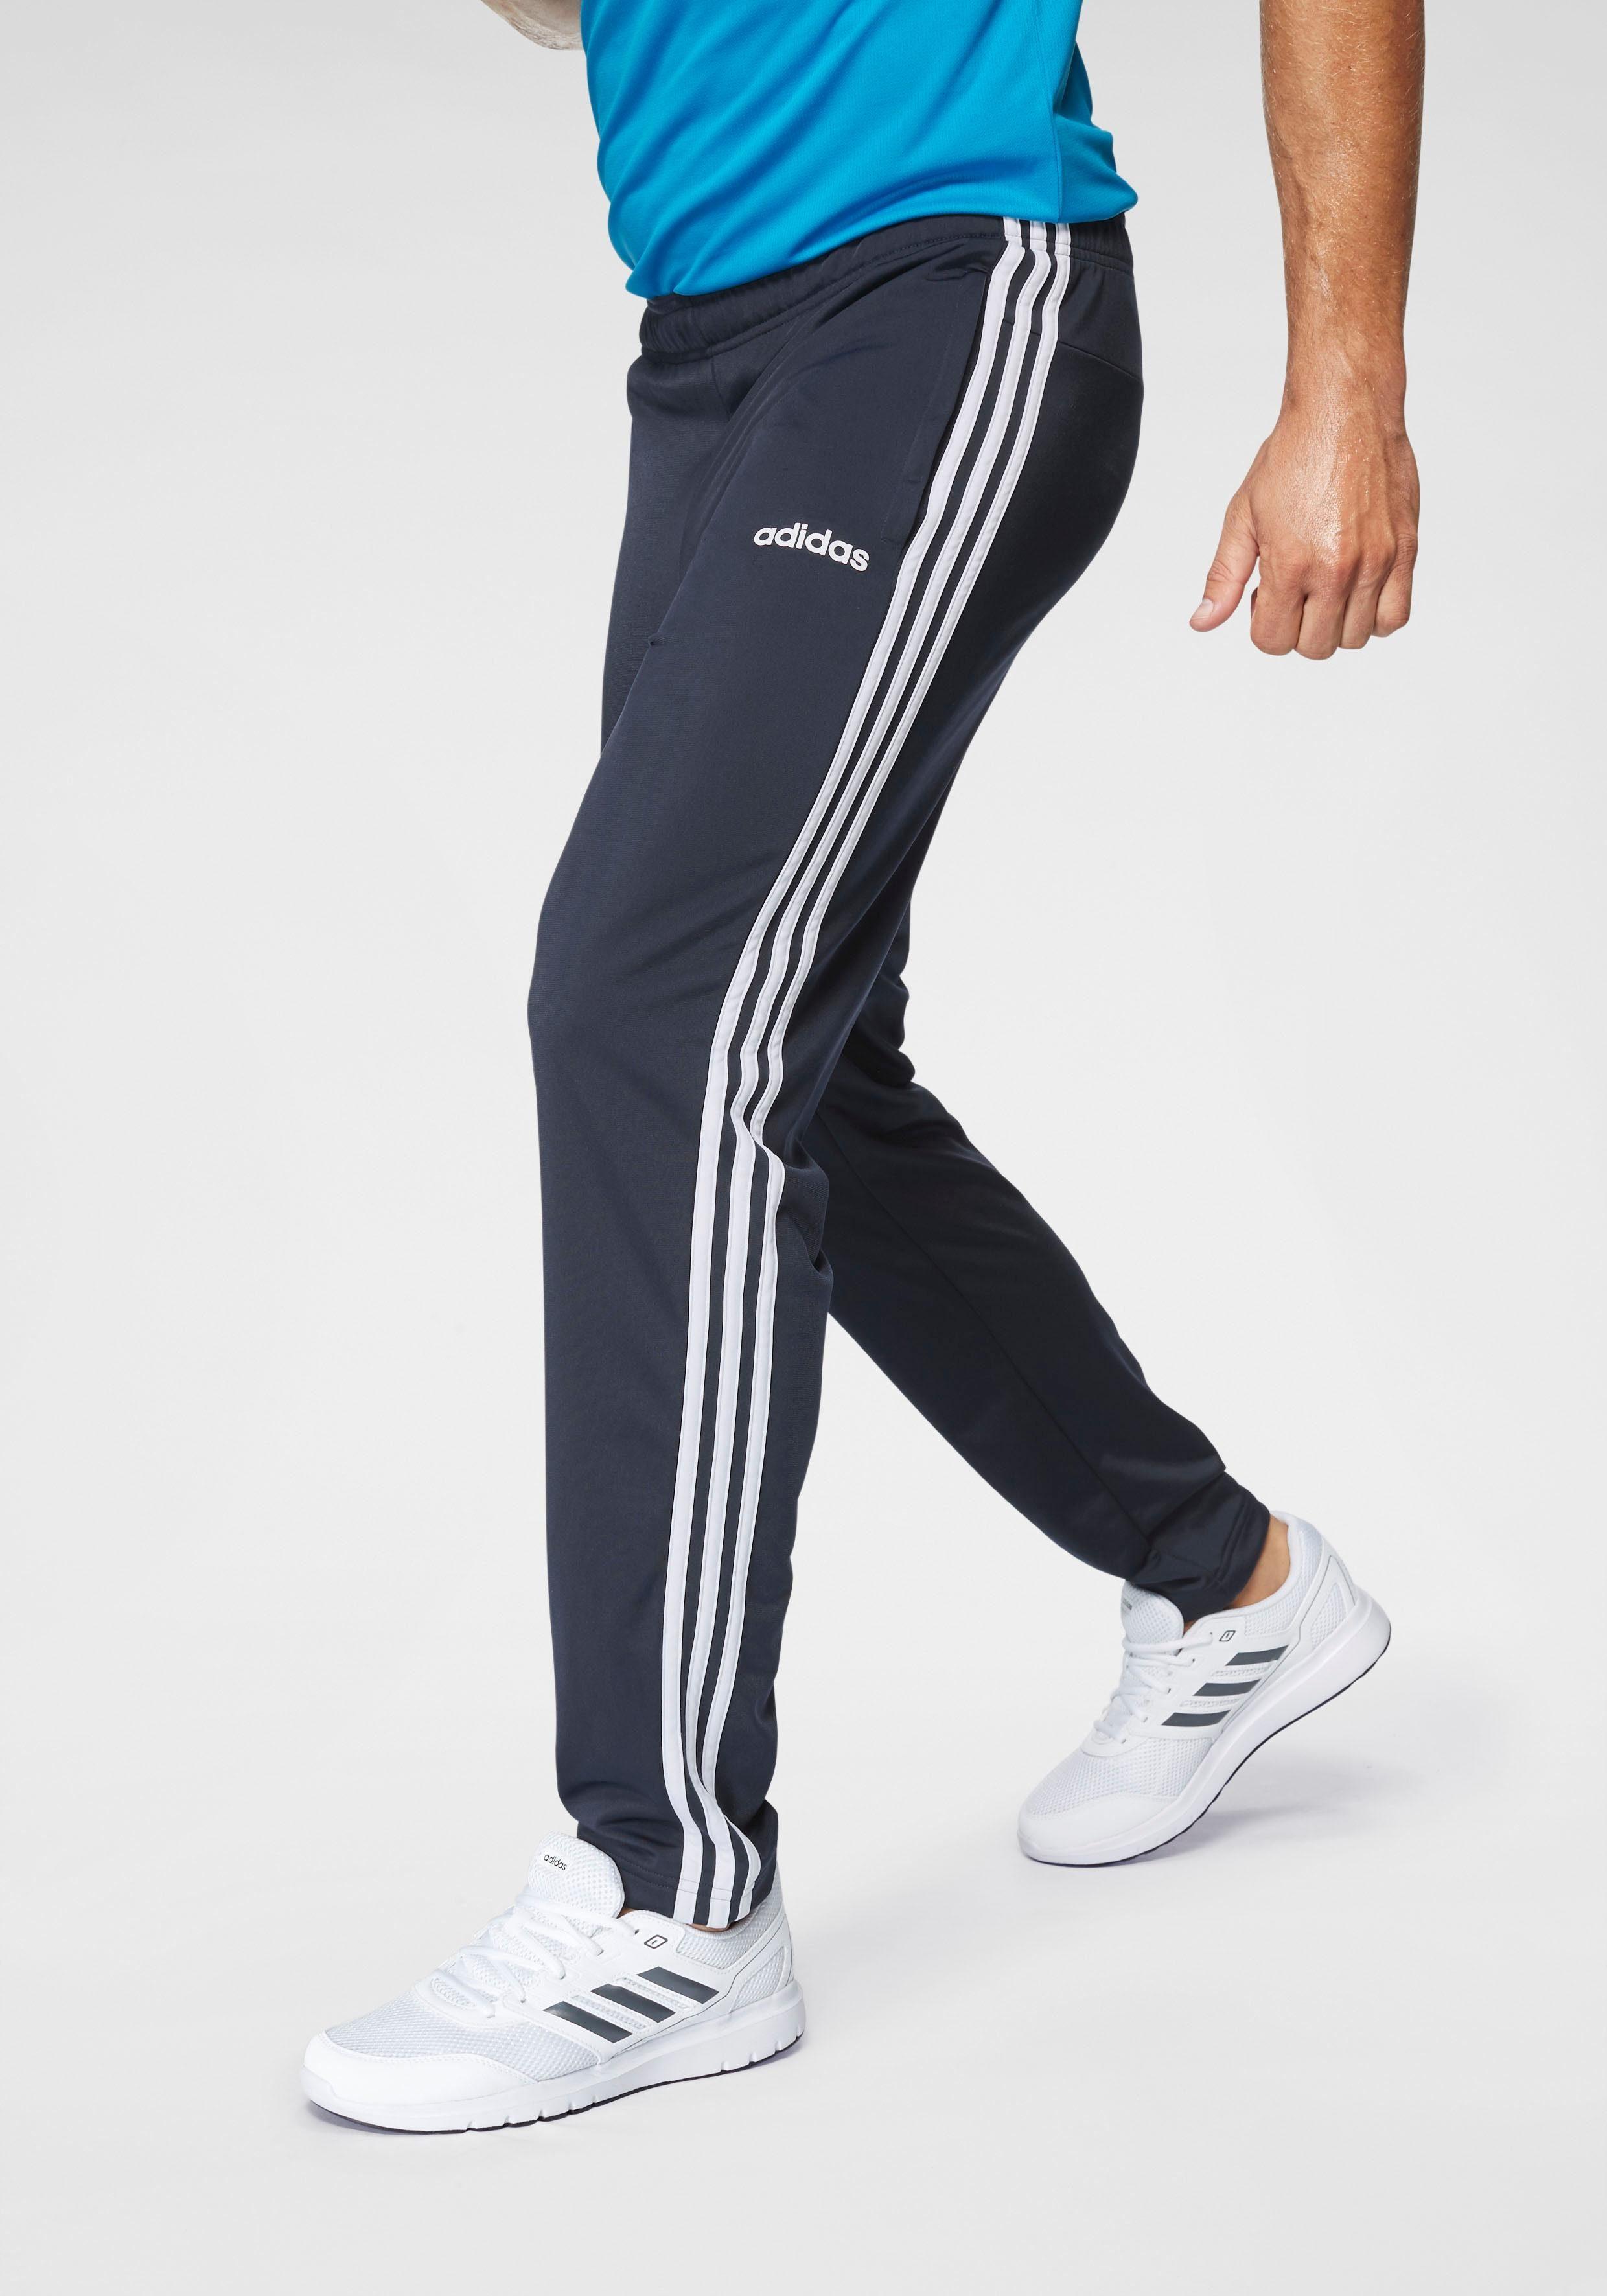 Tolles Schnäppchen. Die adidas Performance Basic 3 Stripes